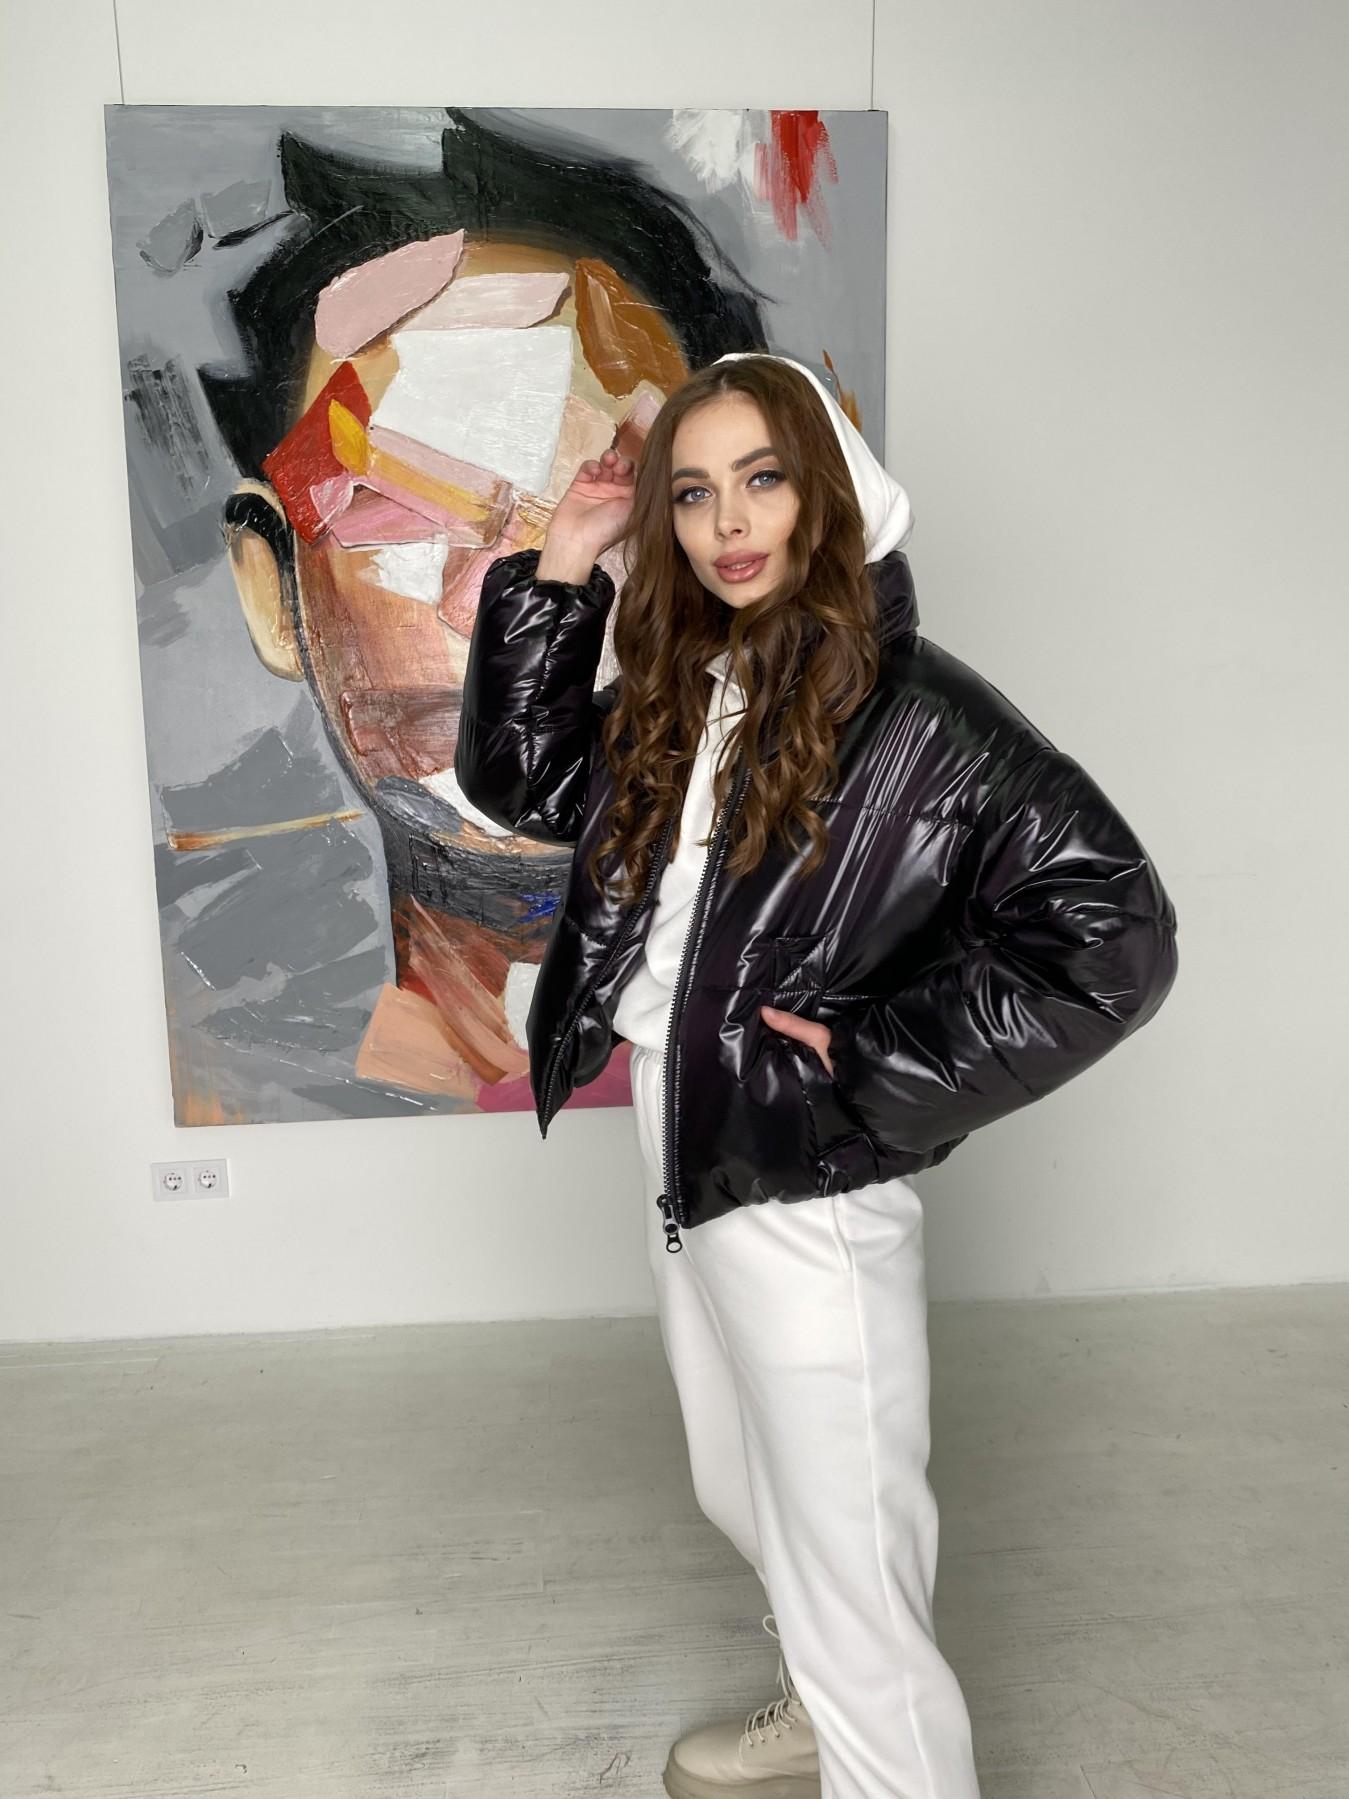 Драйв куртка из плащевой ткани 10497 АРТ. 46843 Цвет: Черный - фото 4, интернет магазин tm-modus.ru